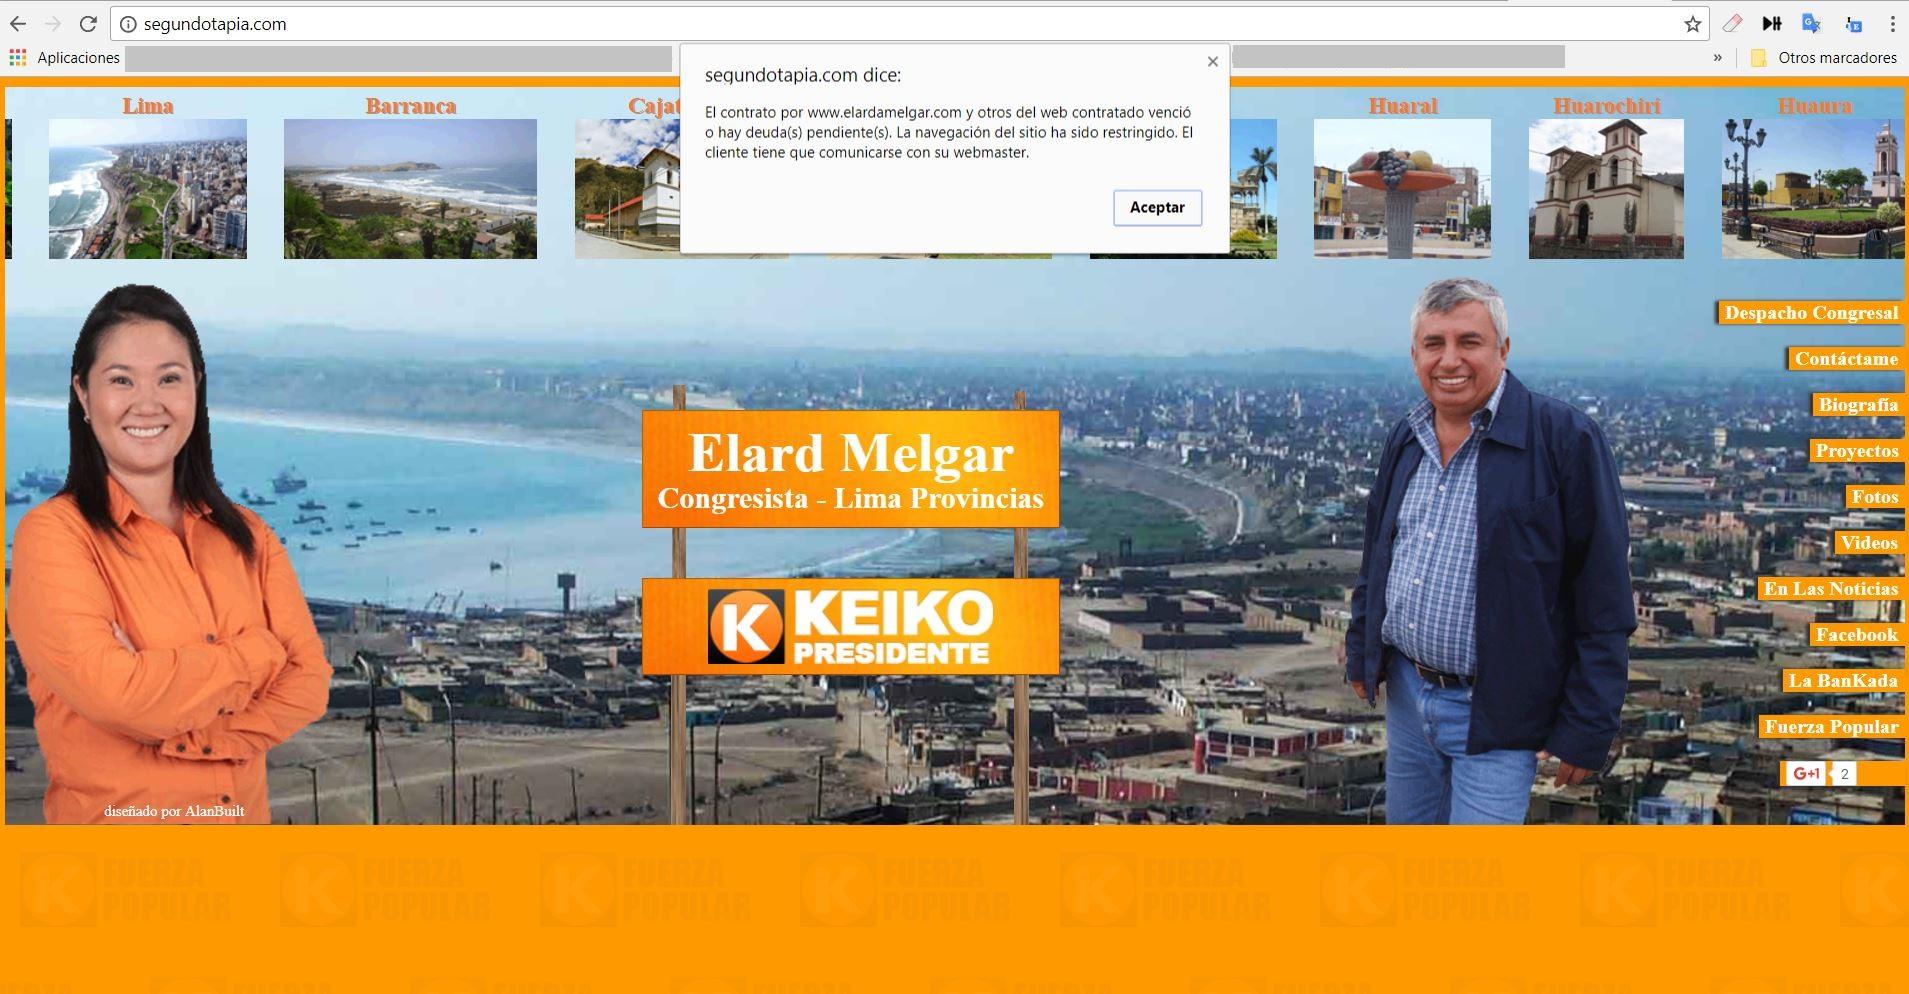 DGDG Imagen: captura Web